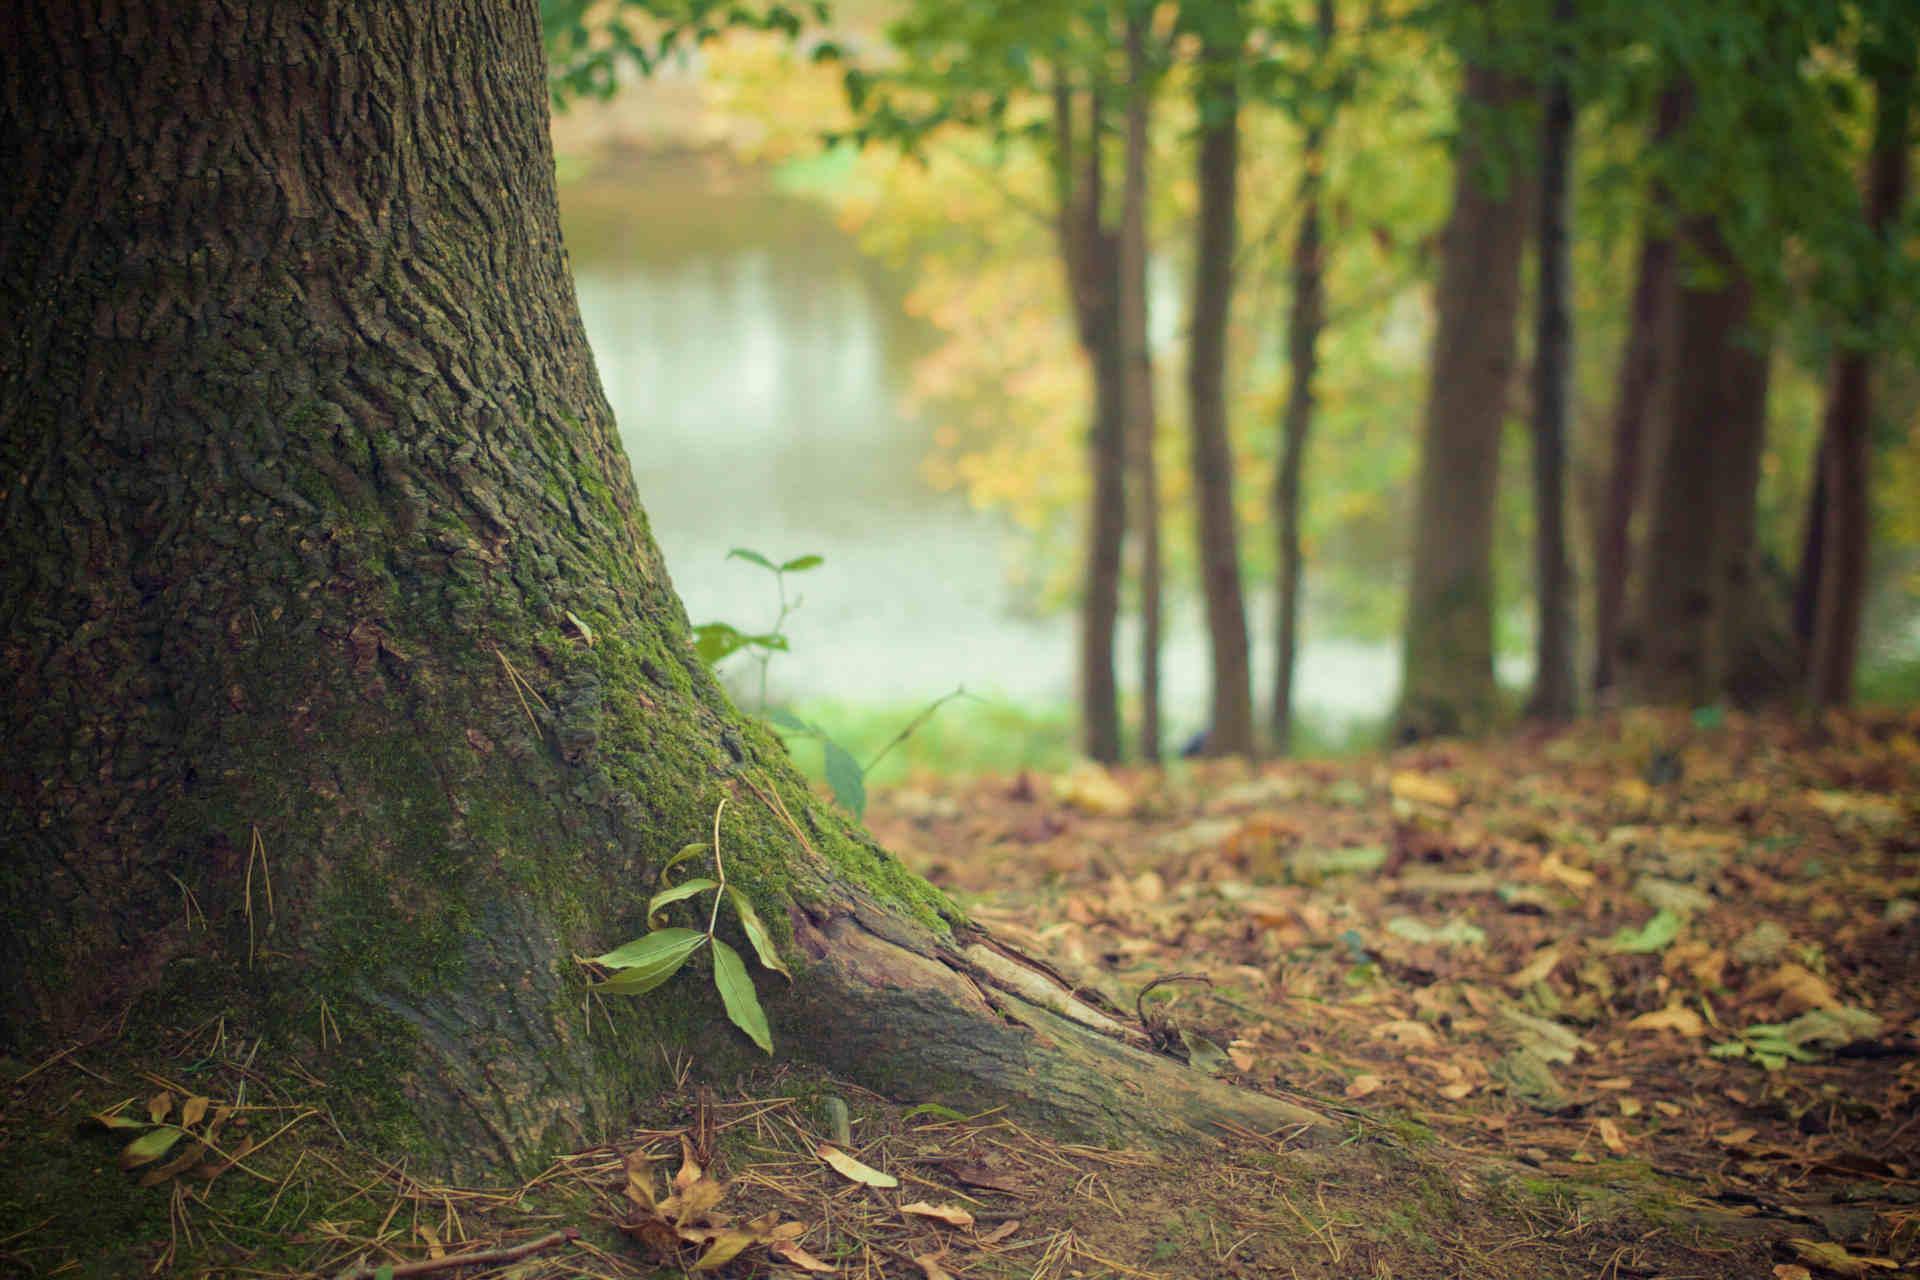 Bosque en otoño con brote de planta verde en base de arbol